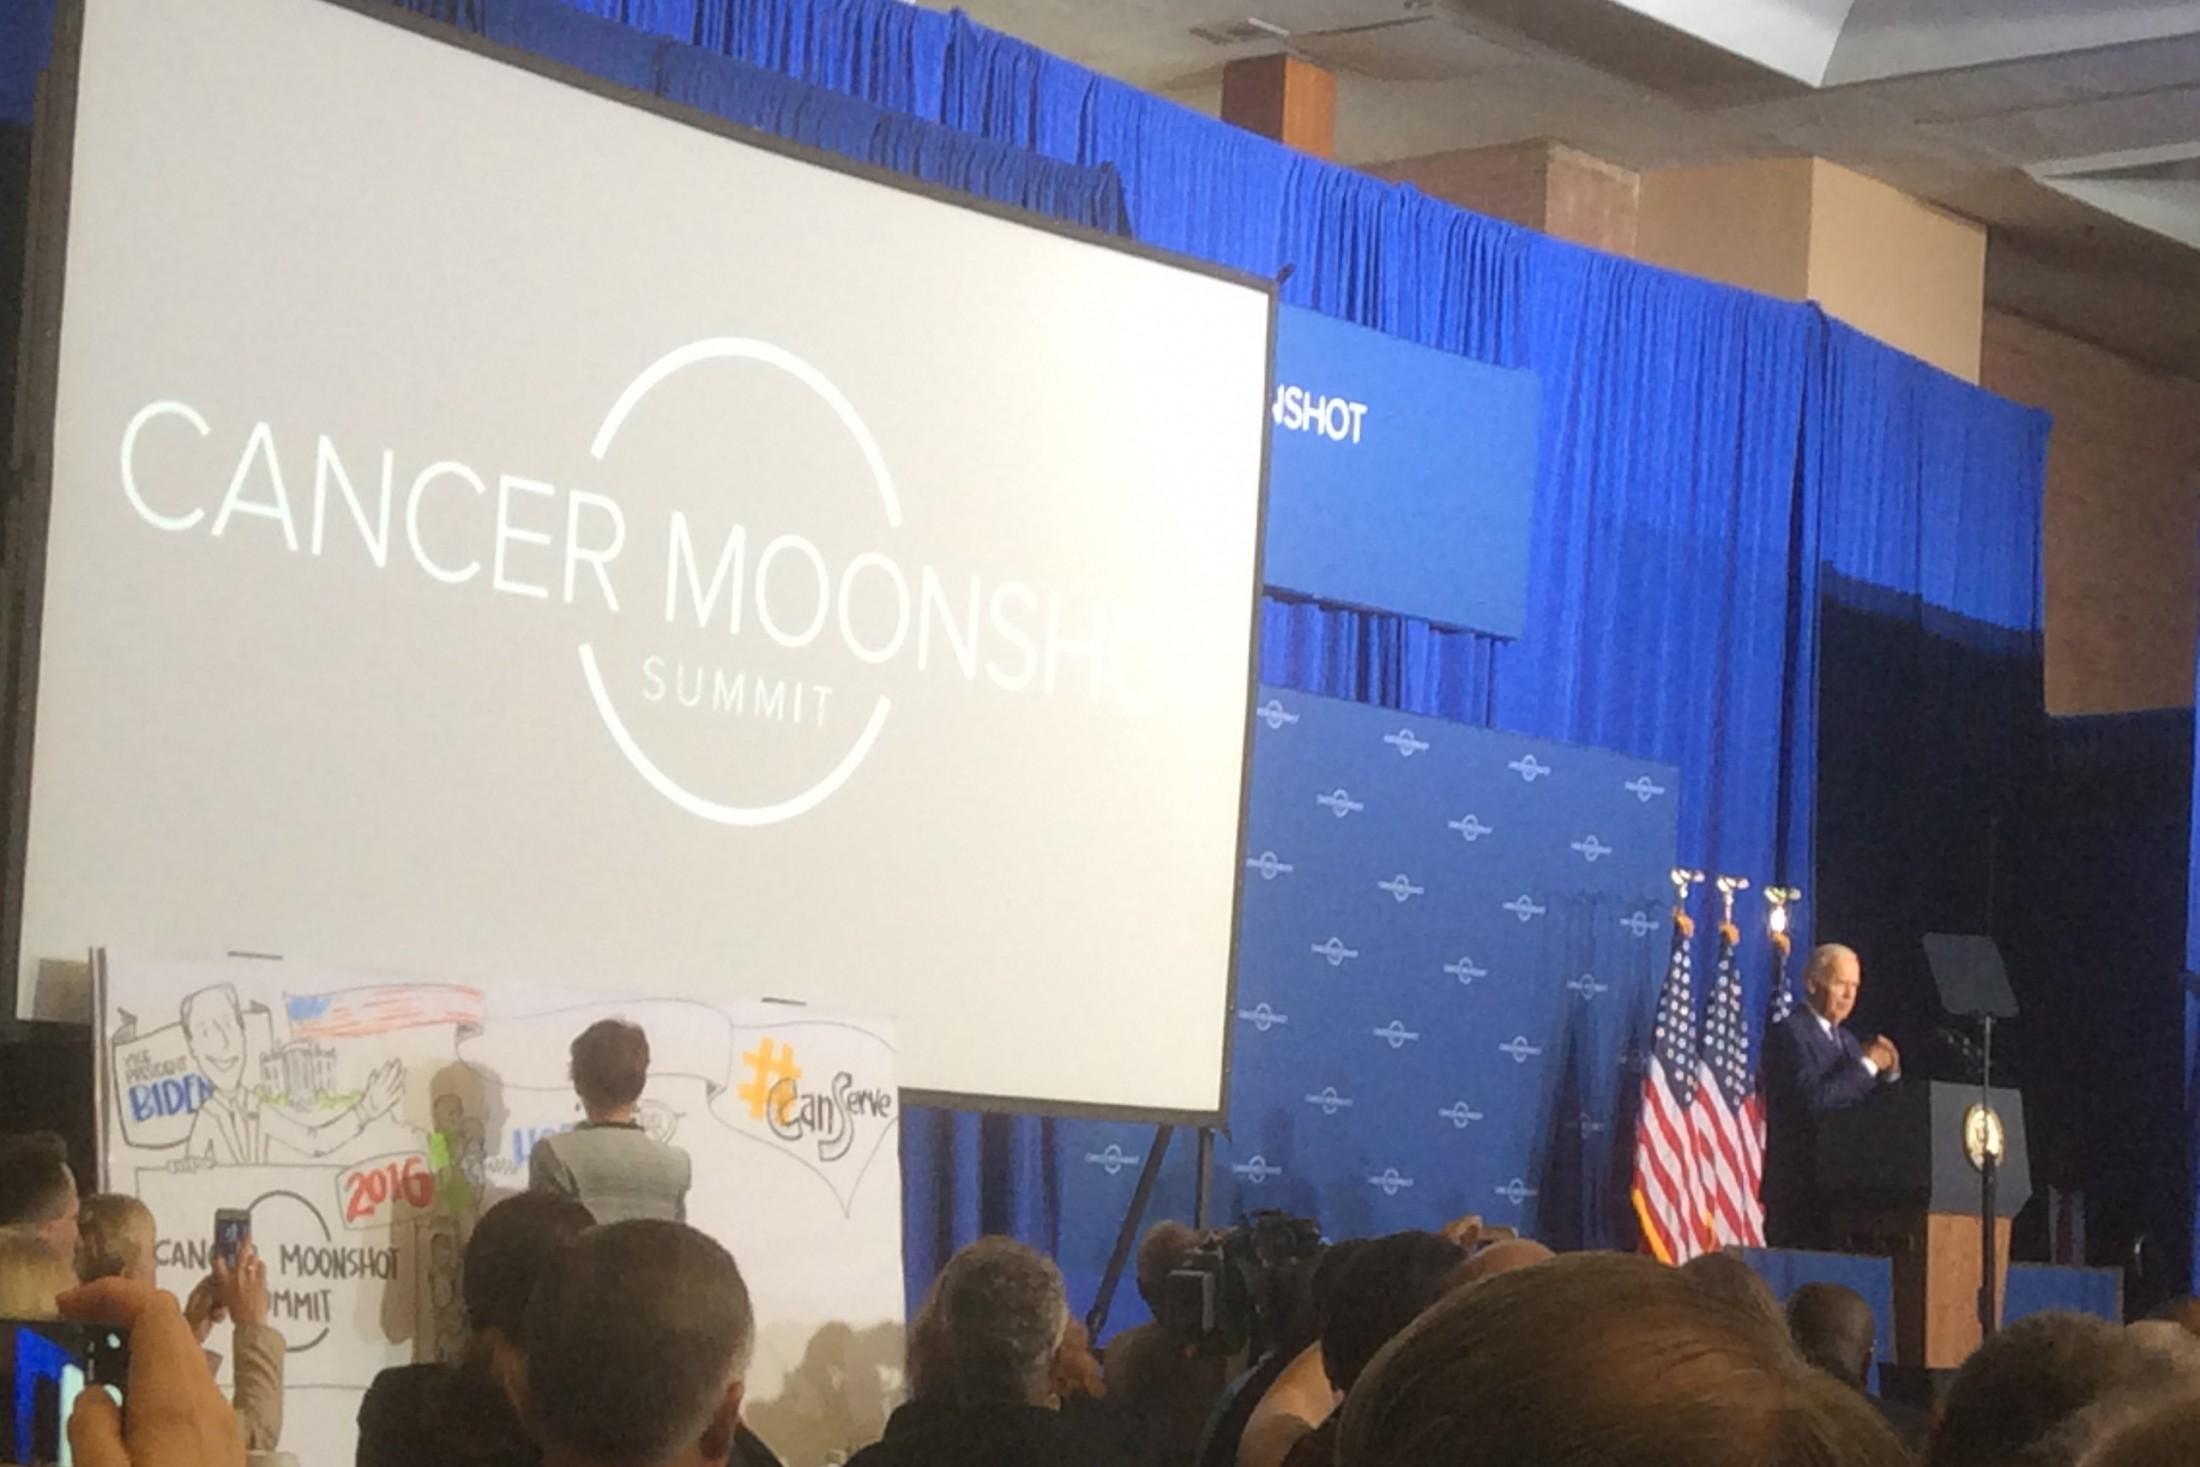 Professor Gluck Attends Cancer Moonshot Summit